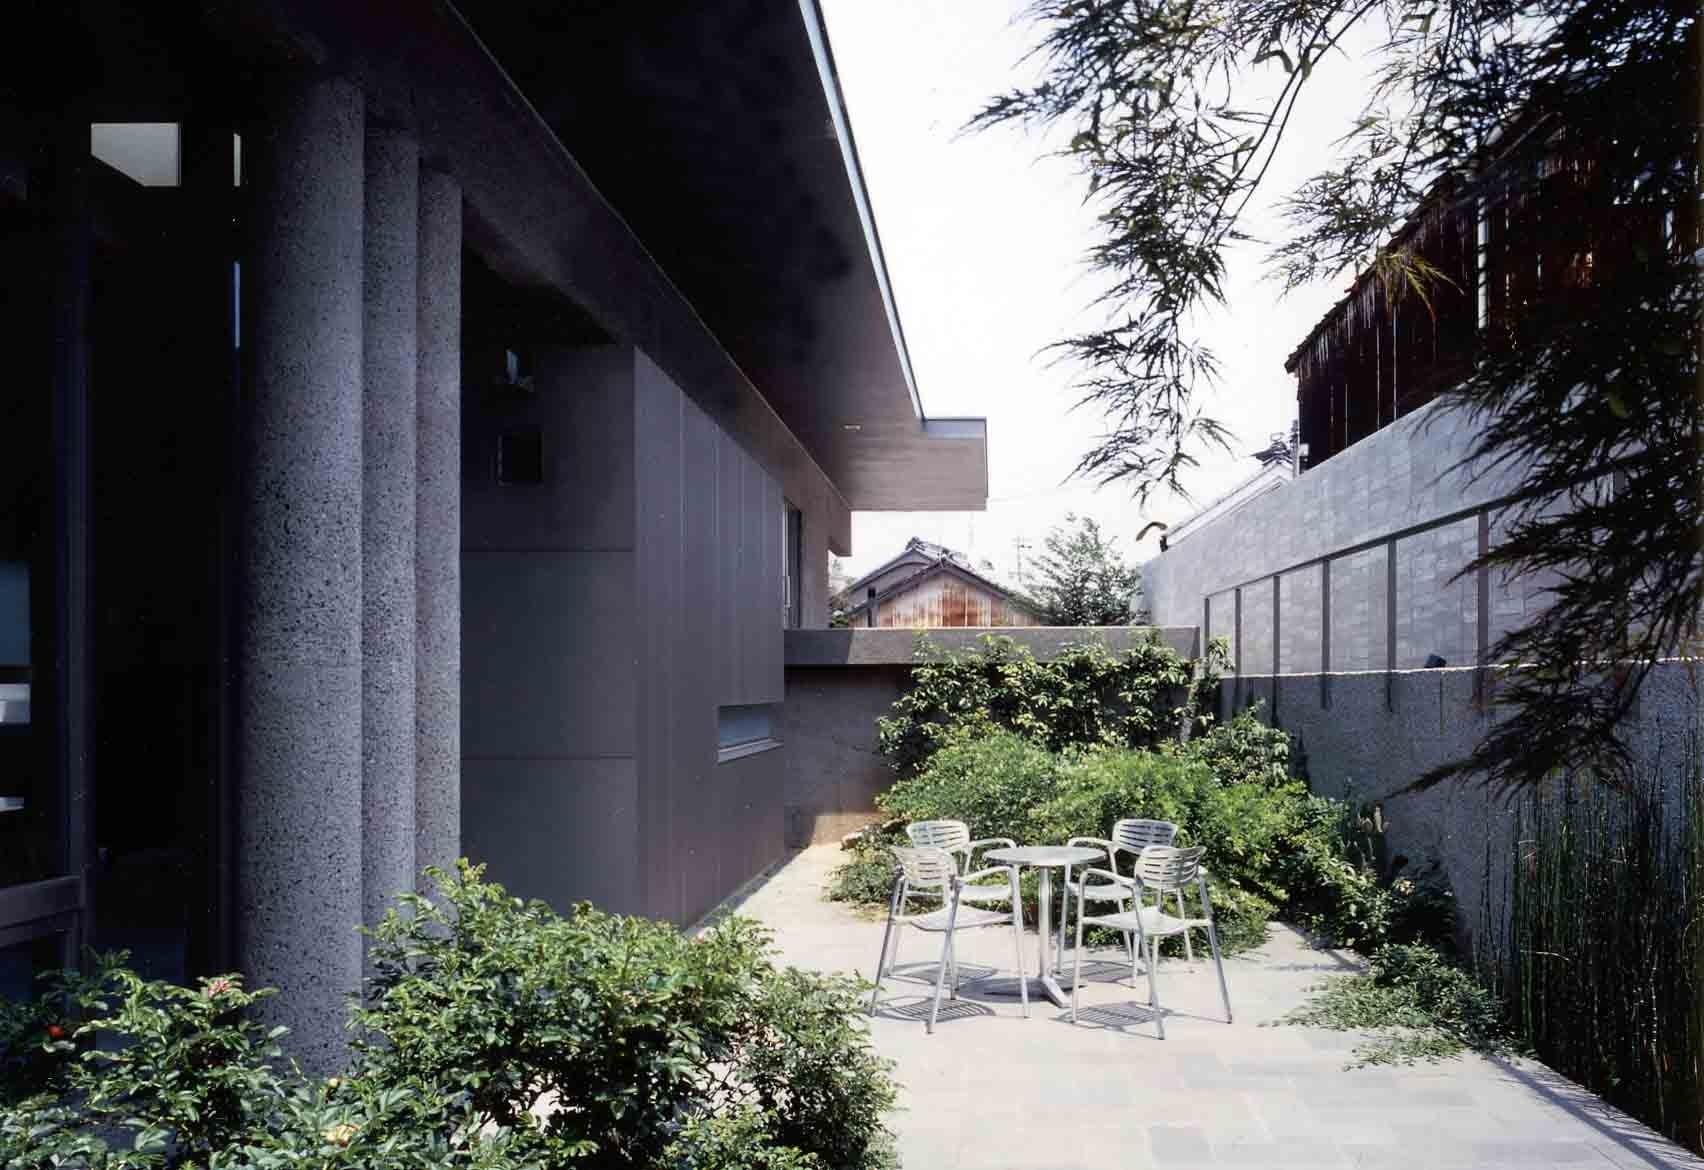 外観事例:中庭から玄関キャノピー方向を見る(蒲郡 海辺市街地の別荘)